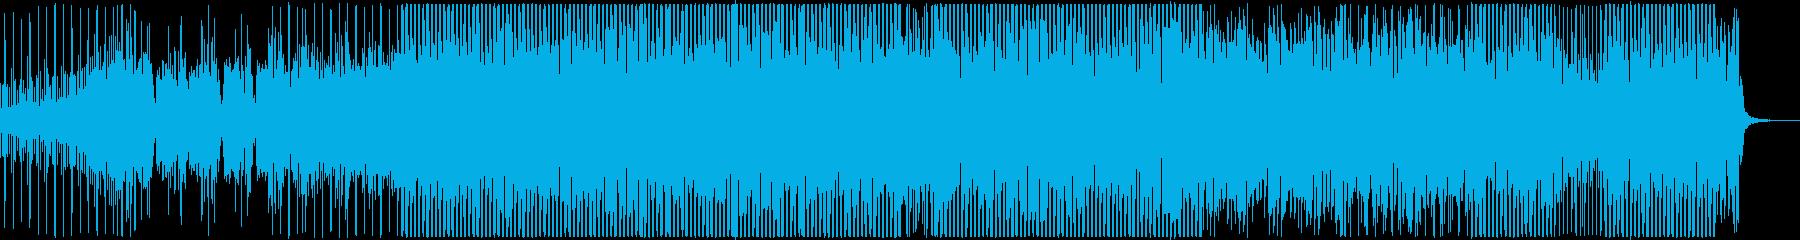 【英詩/女Vo/ダンス】Human Erの再生済みの波形